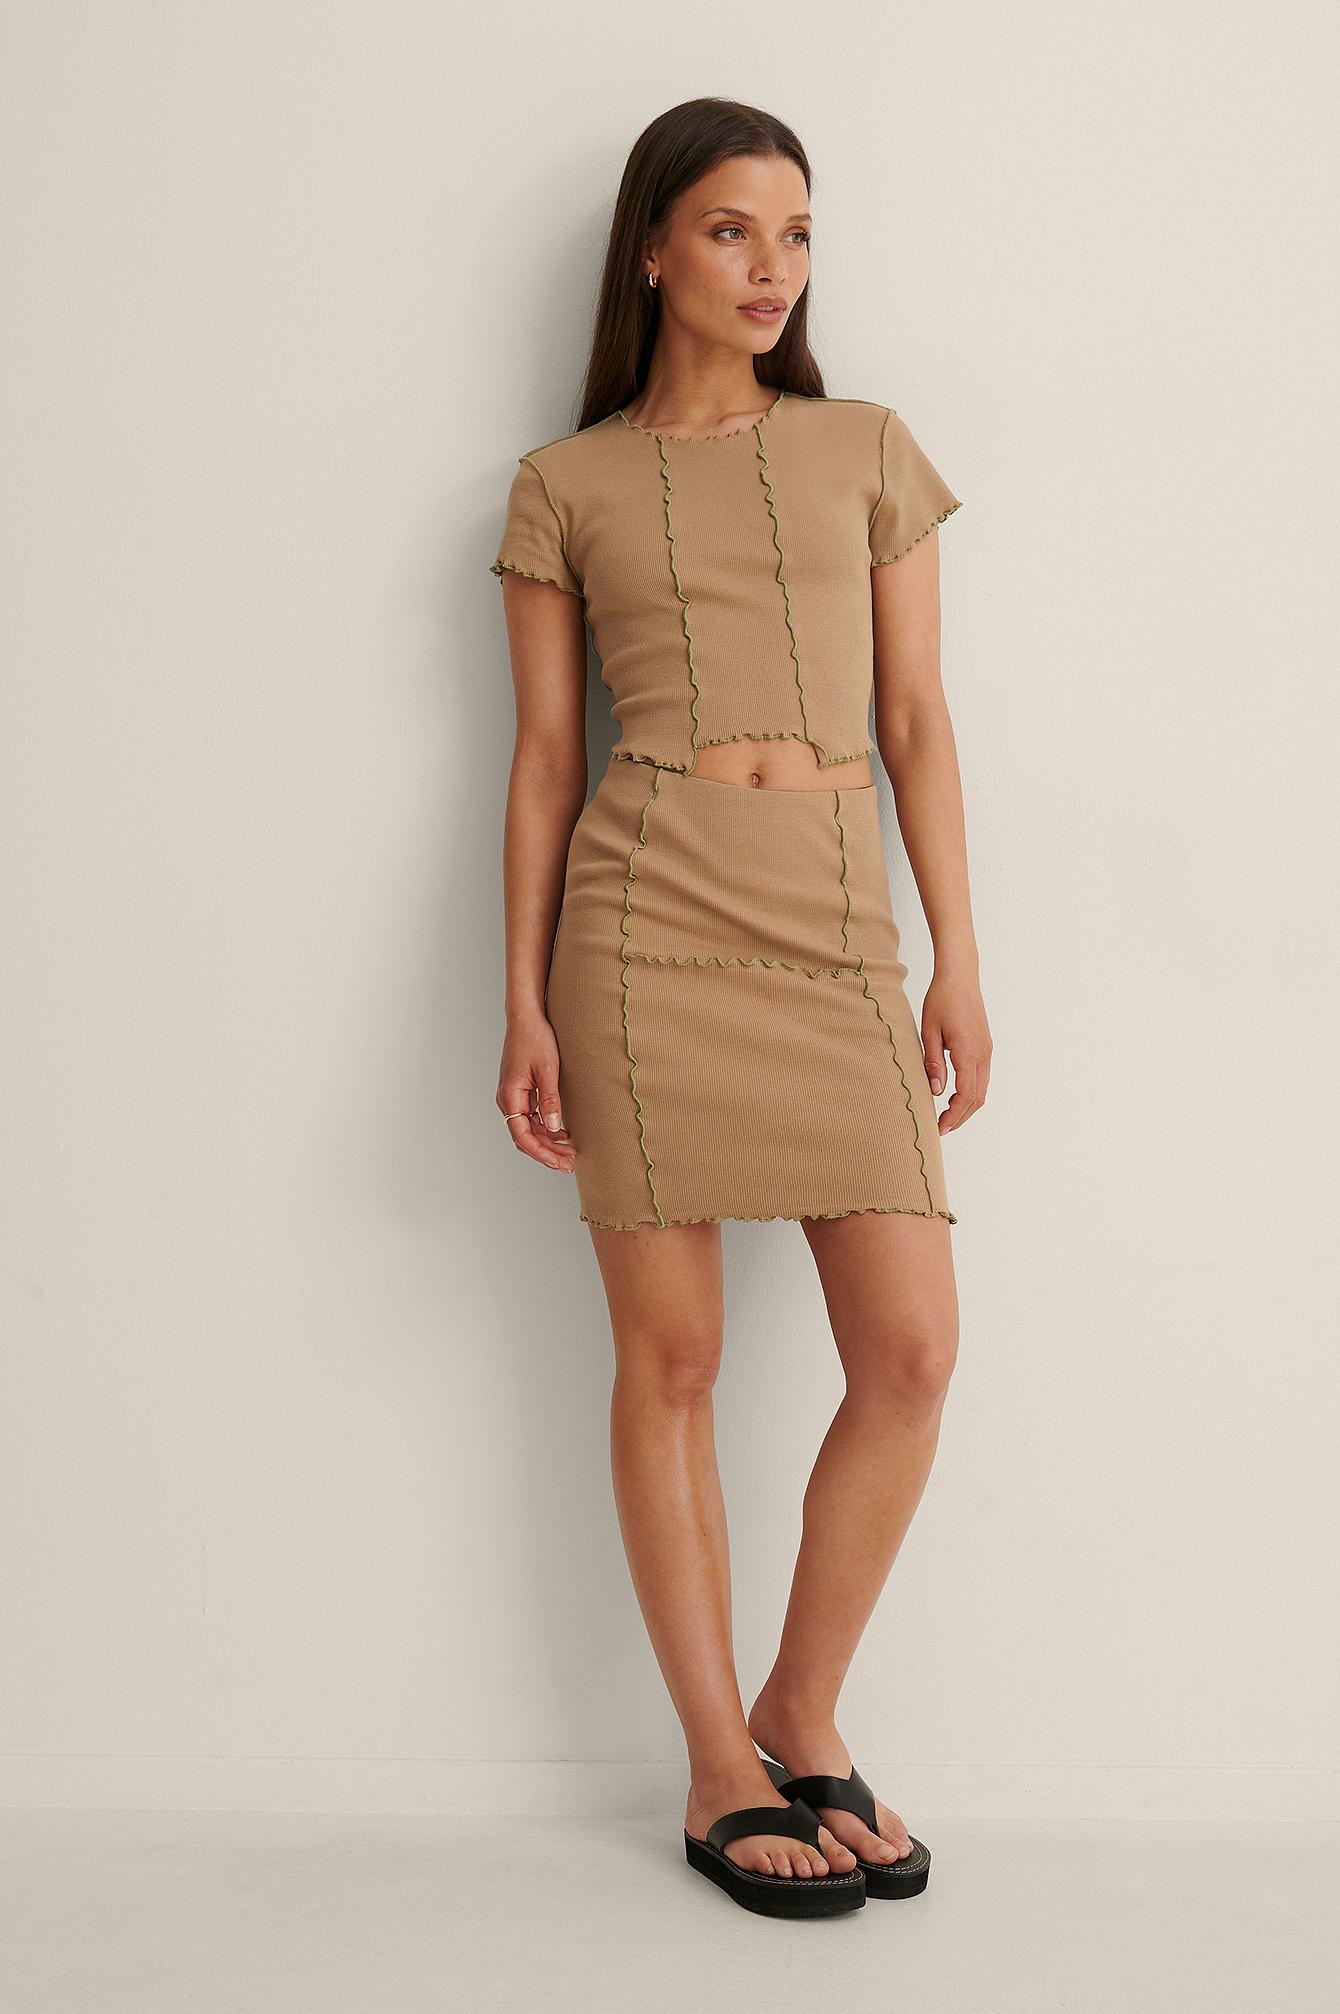 Chloé Monchamp x NA-KD Økologisk nederdel i baner - Brown